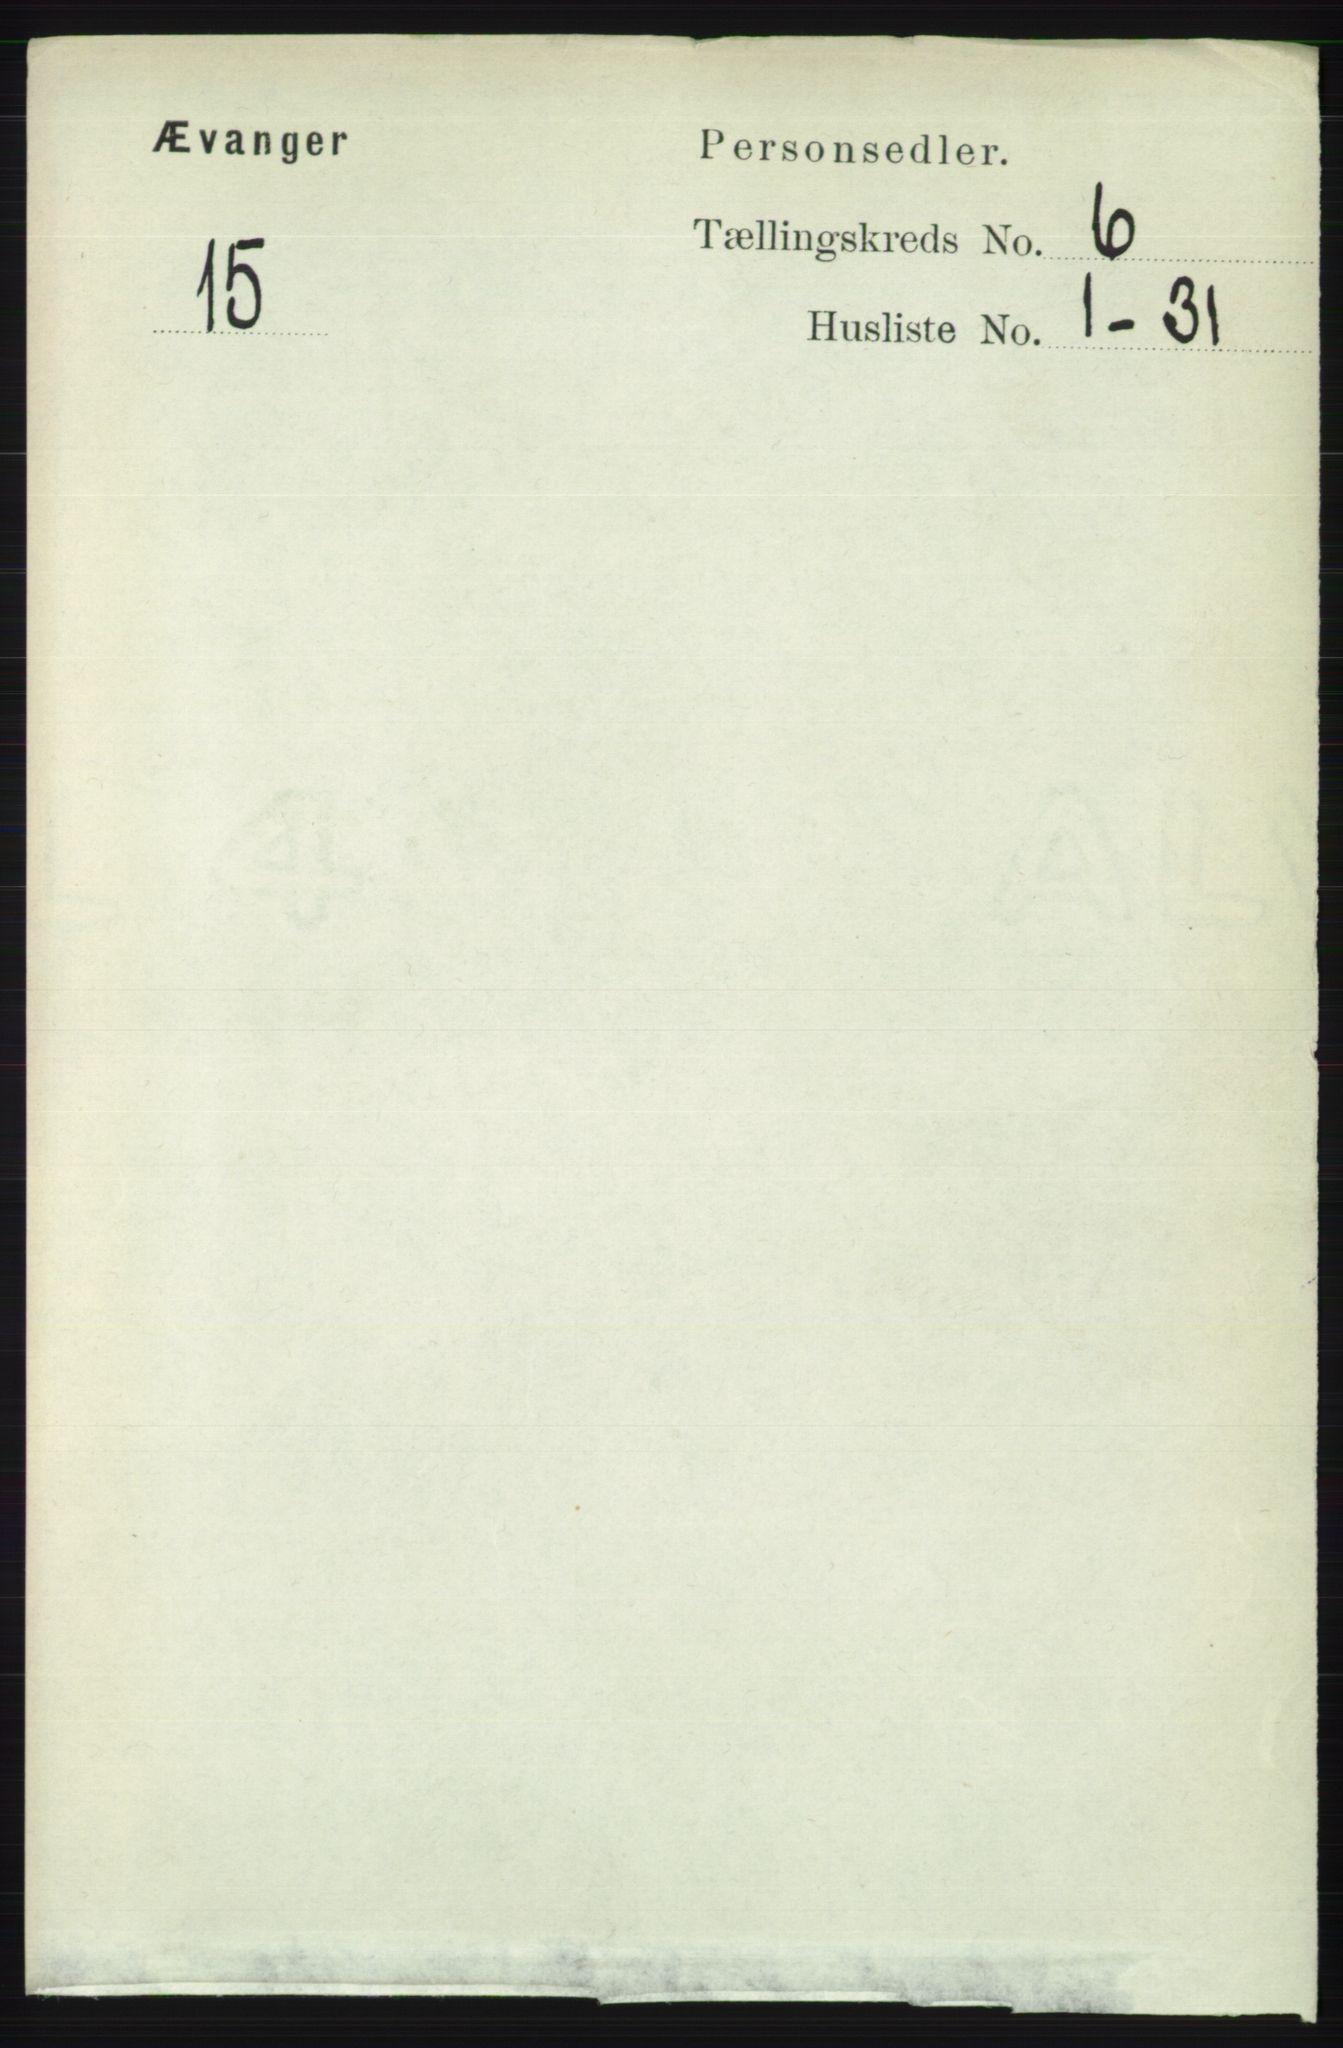 RA, Folketelling 1891 for 1237 Evanger herred, 1891, s. 1611